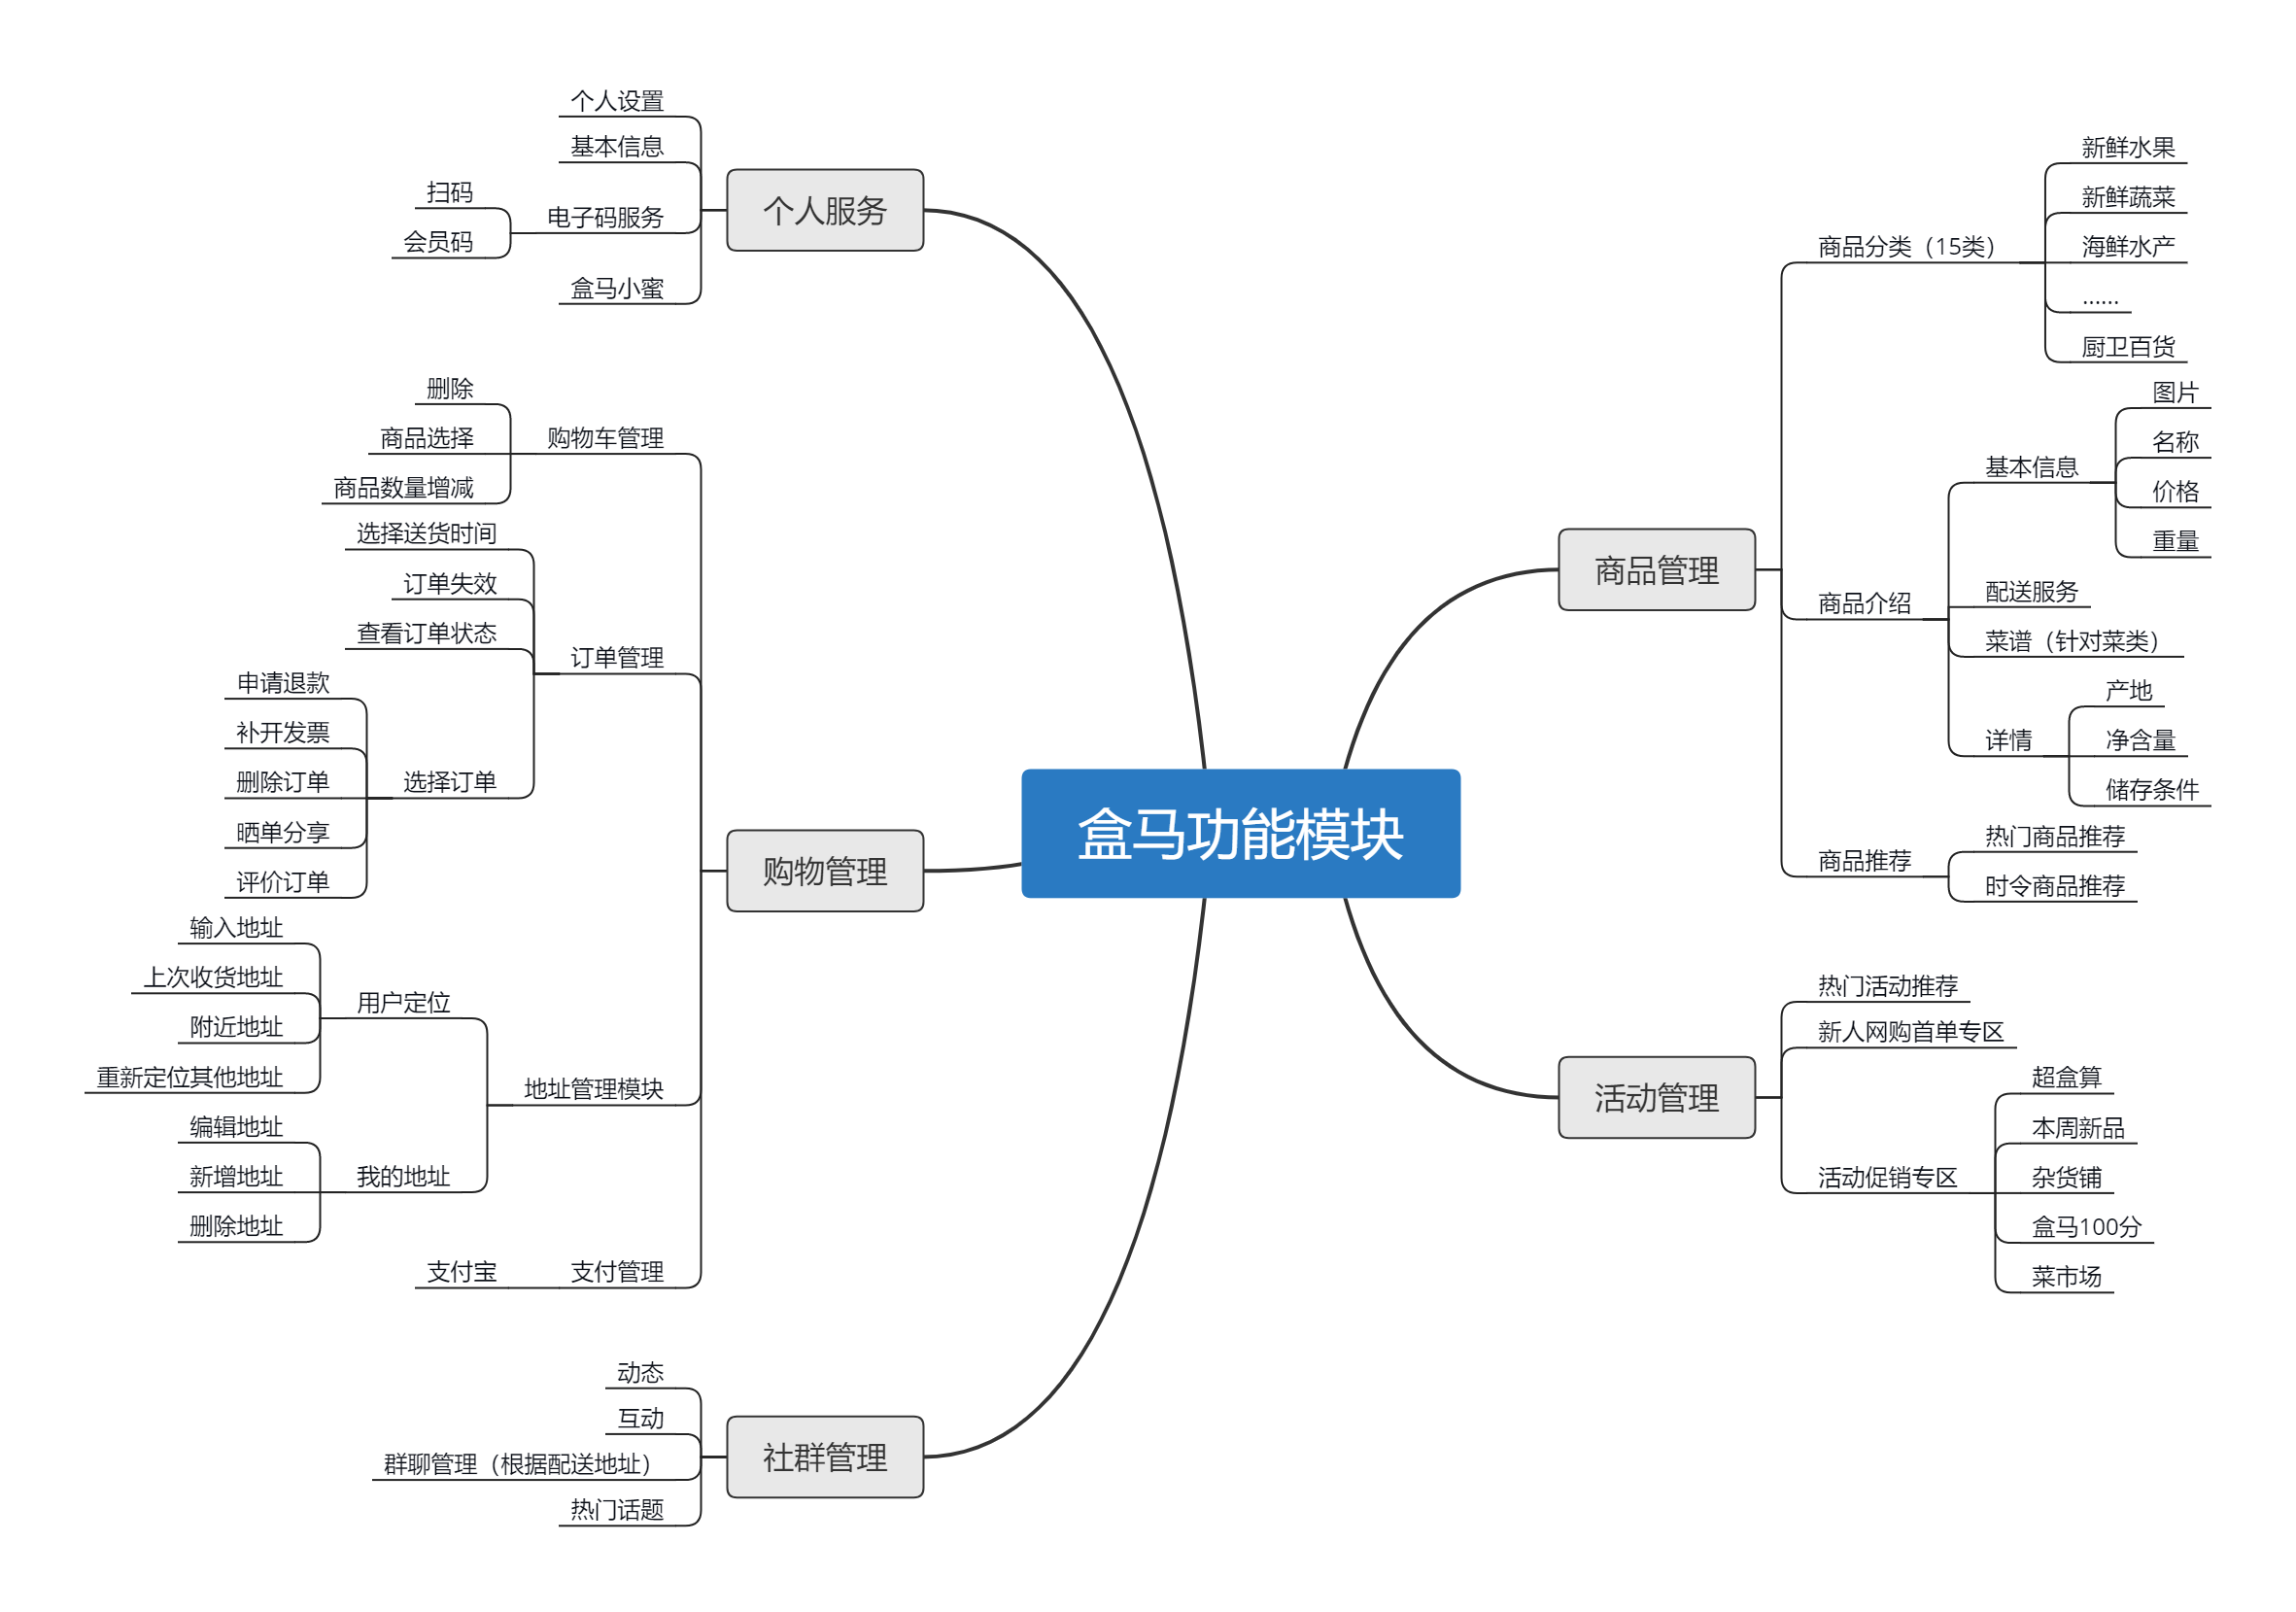 六,盒马app分析 1. app基本信息 2. 功能结构图 3.